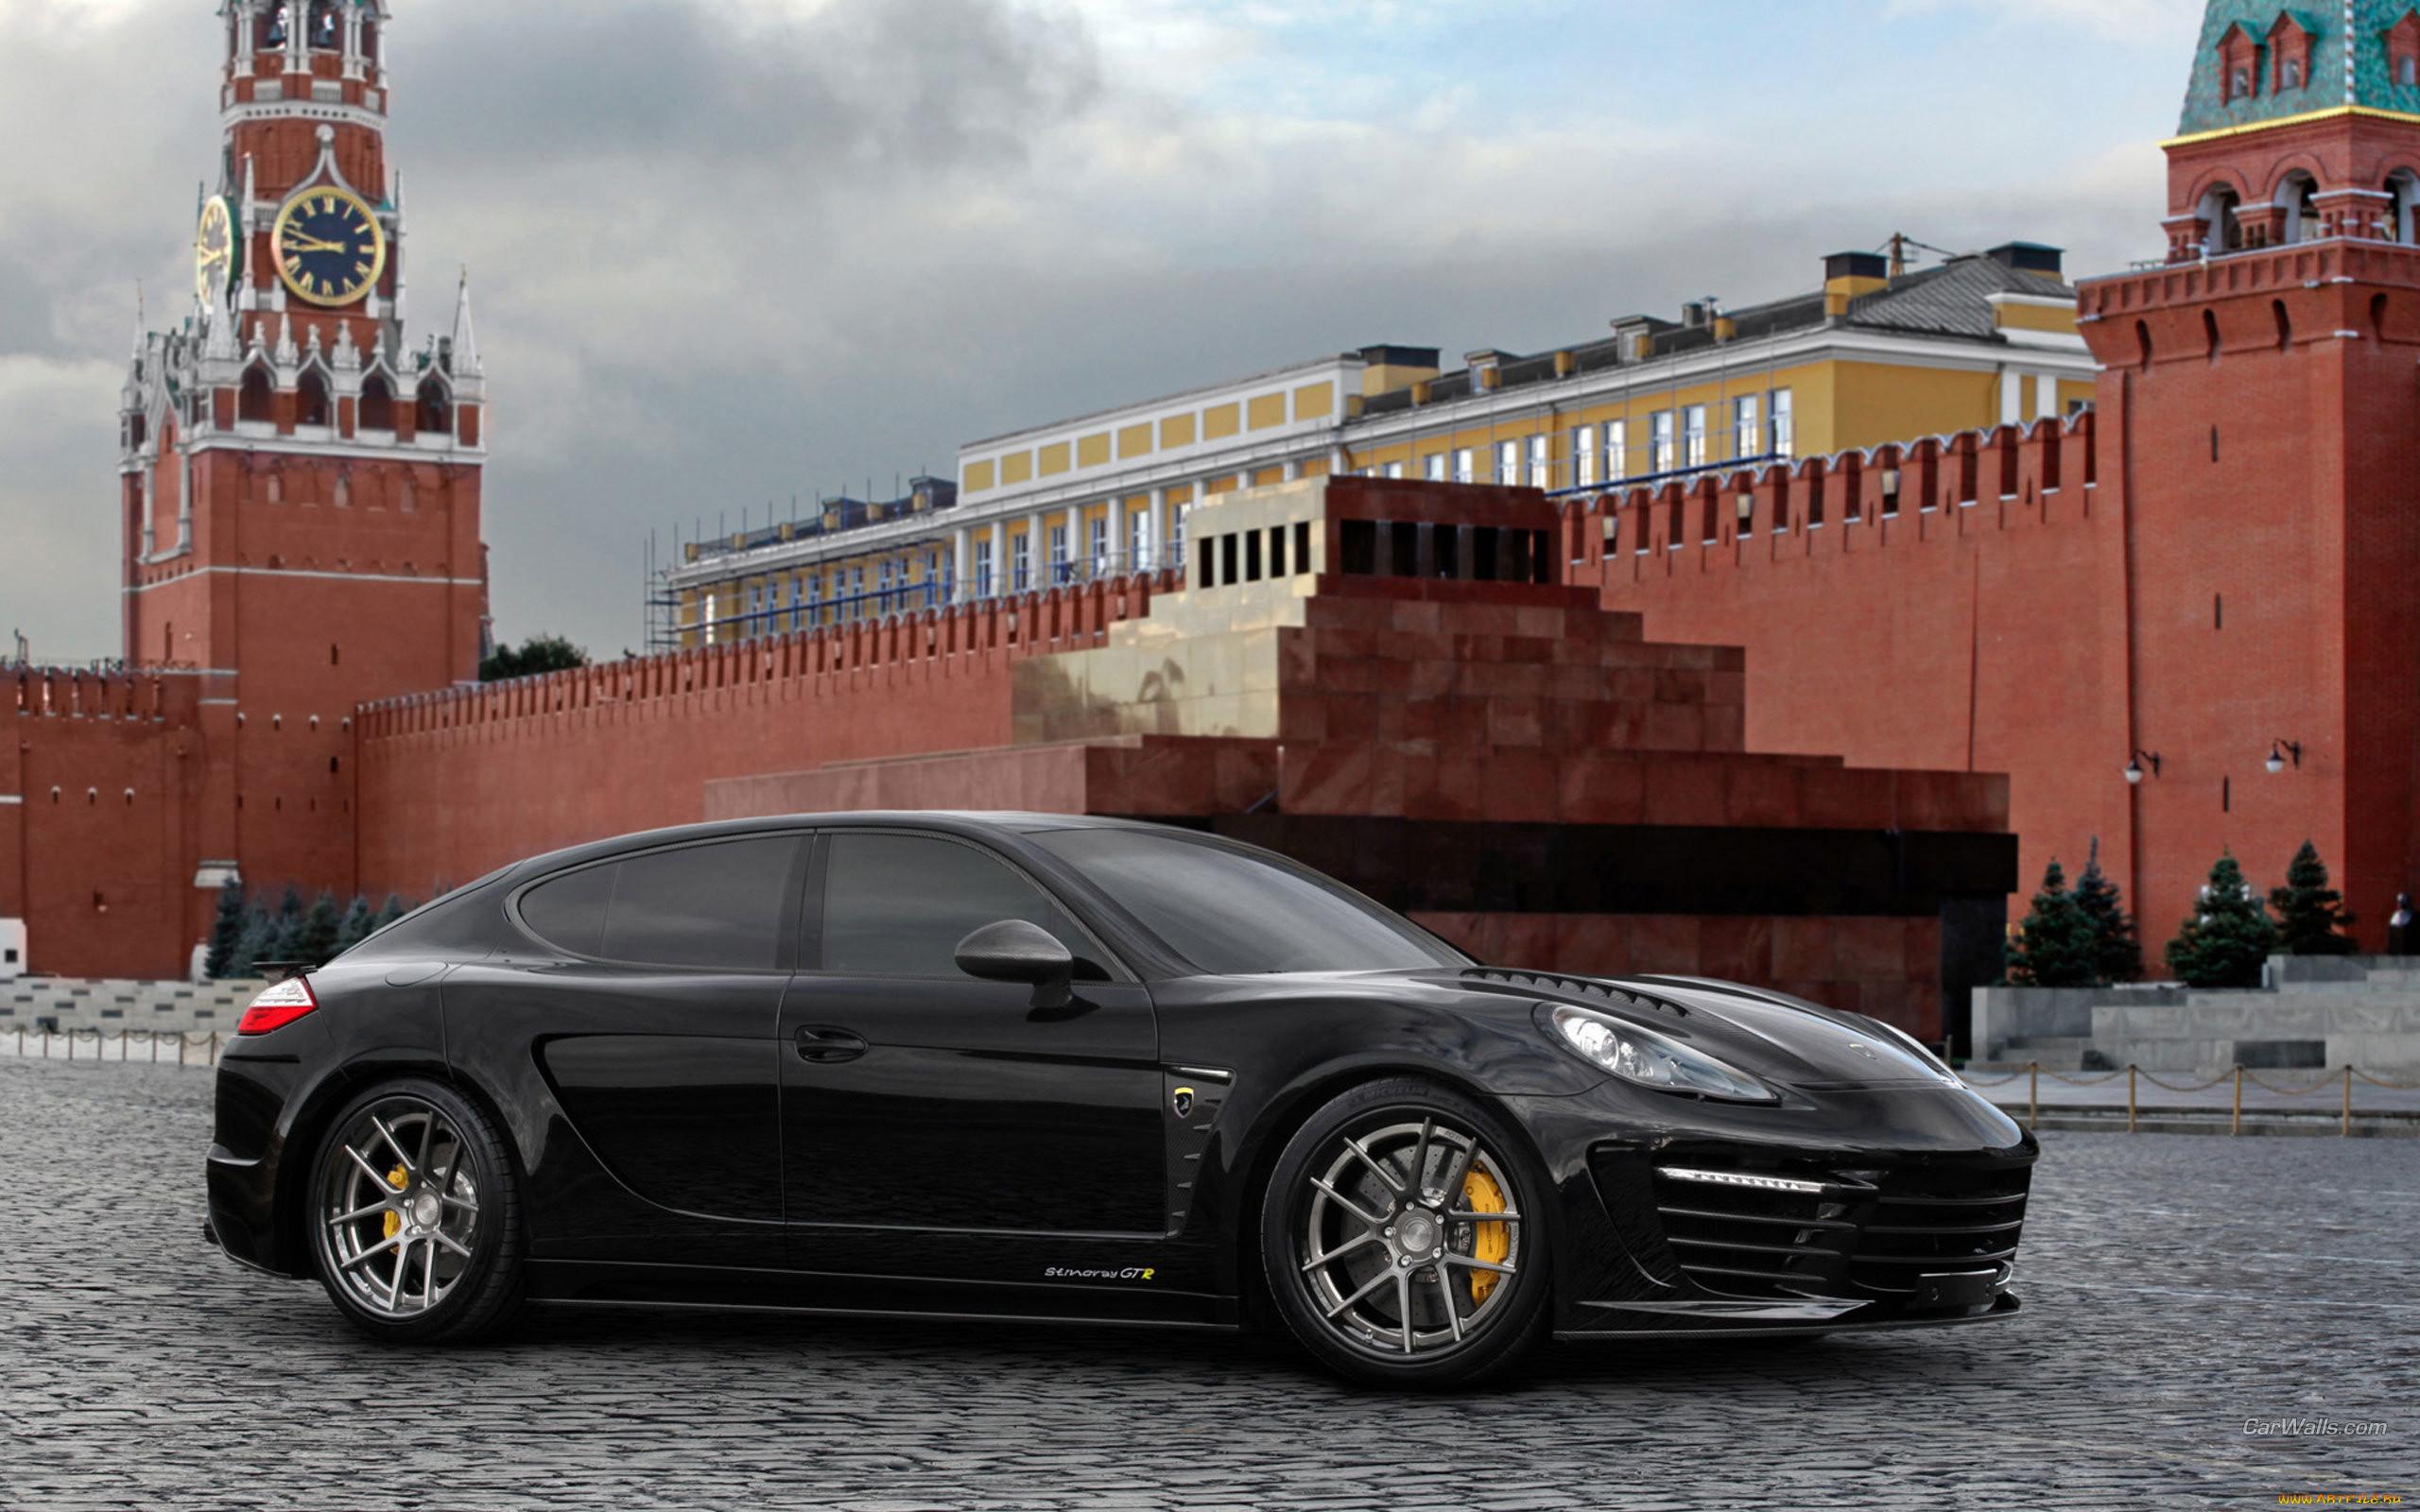 считают самые крутые автомобили в москве фото меня есть идея